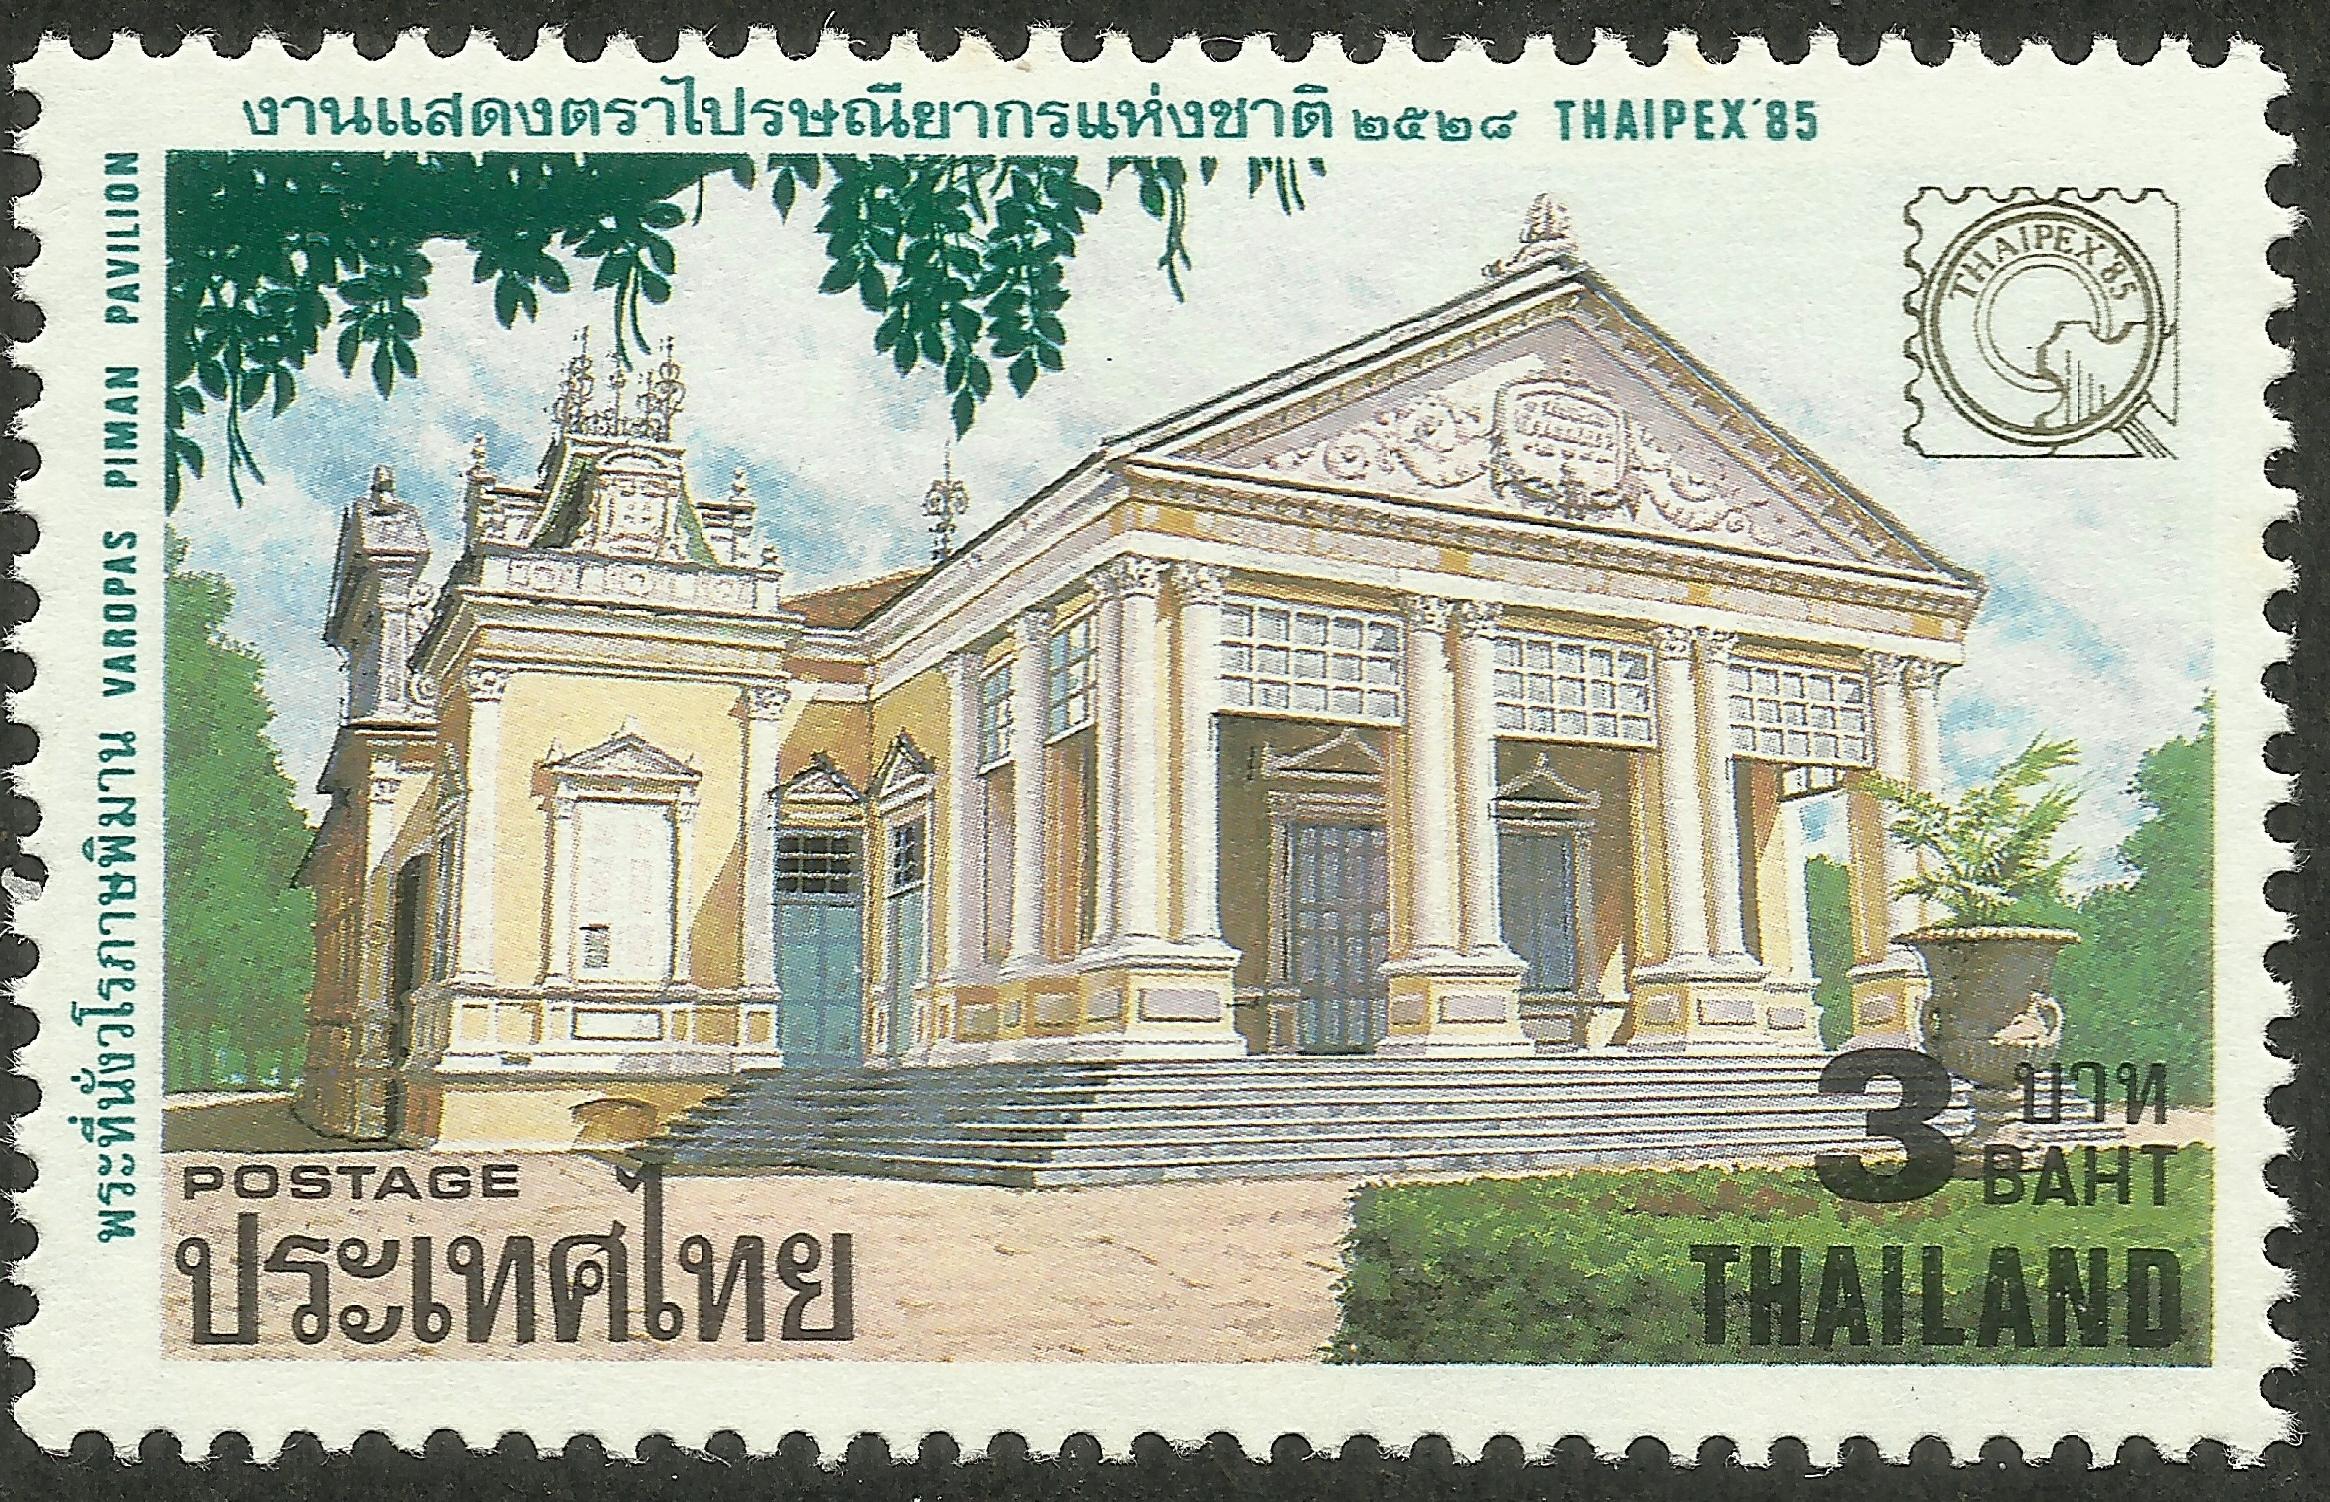 Thailand - Scott #1115 (1985) portraying Phra Thinang Warophat Phiman at Bang Pa-In Palace.